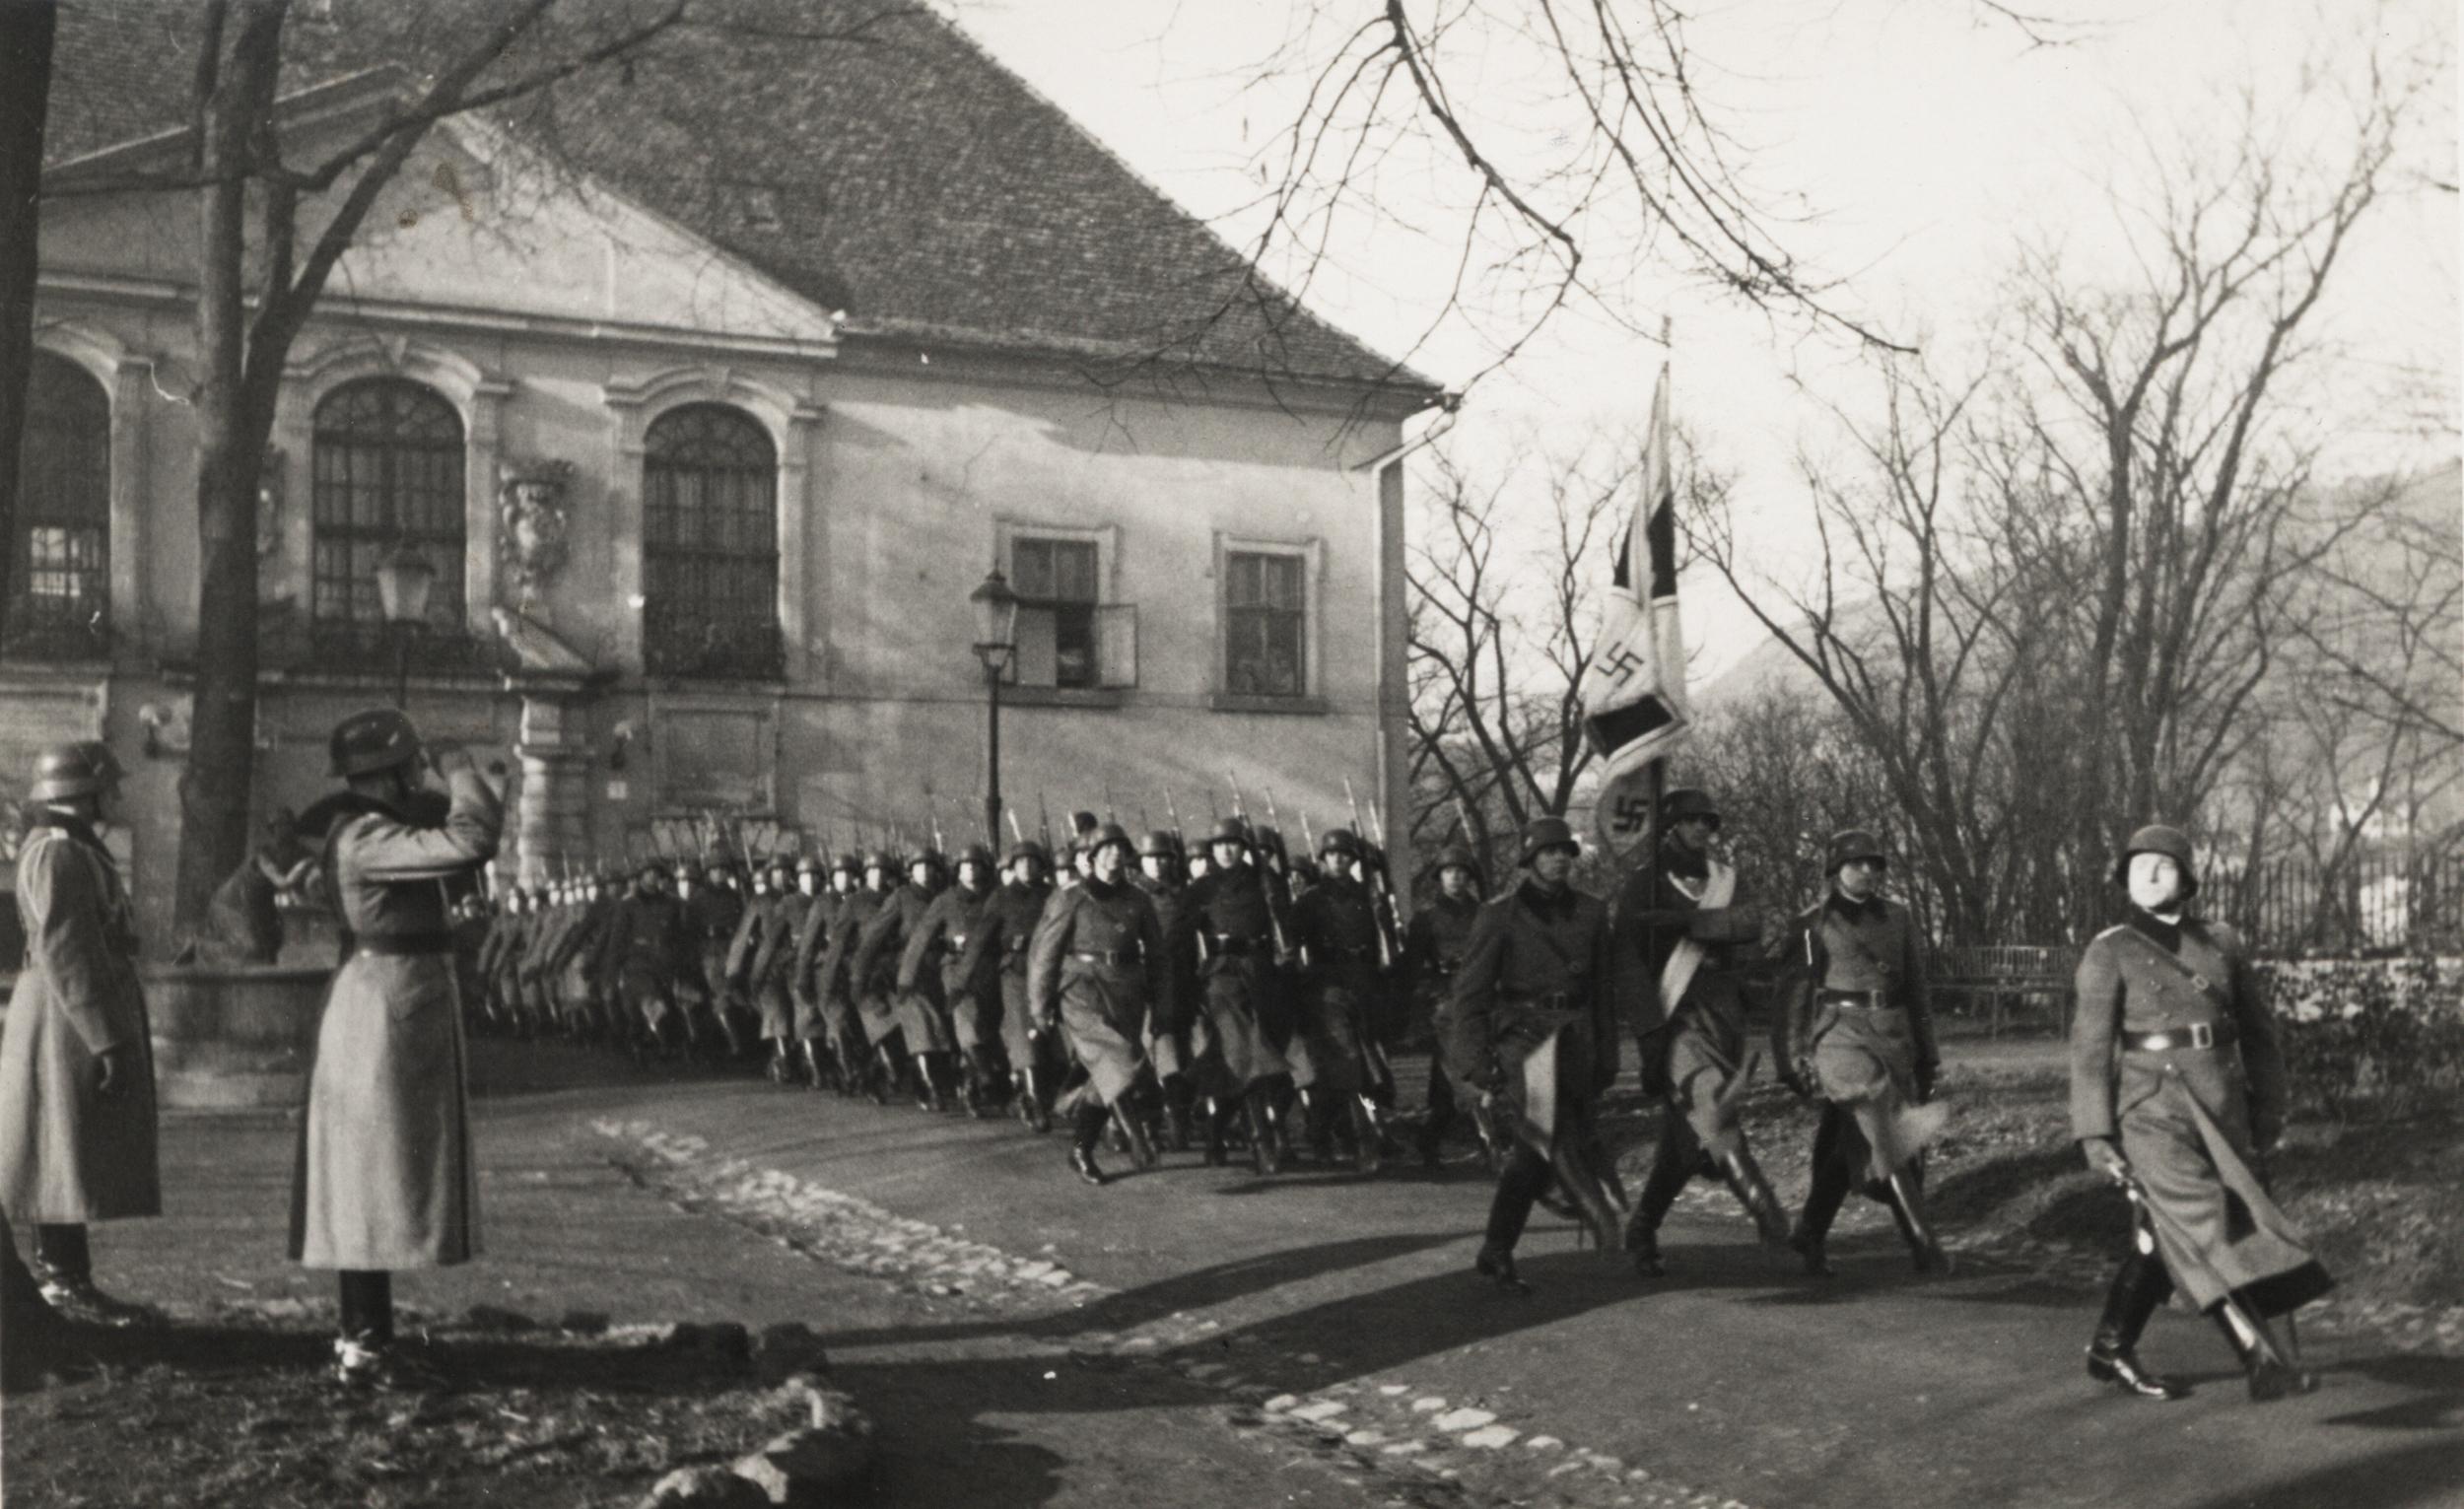 Nástup německé armády před průčelím zámku